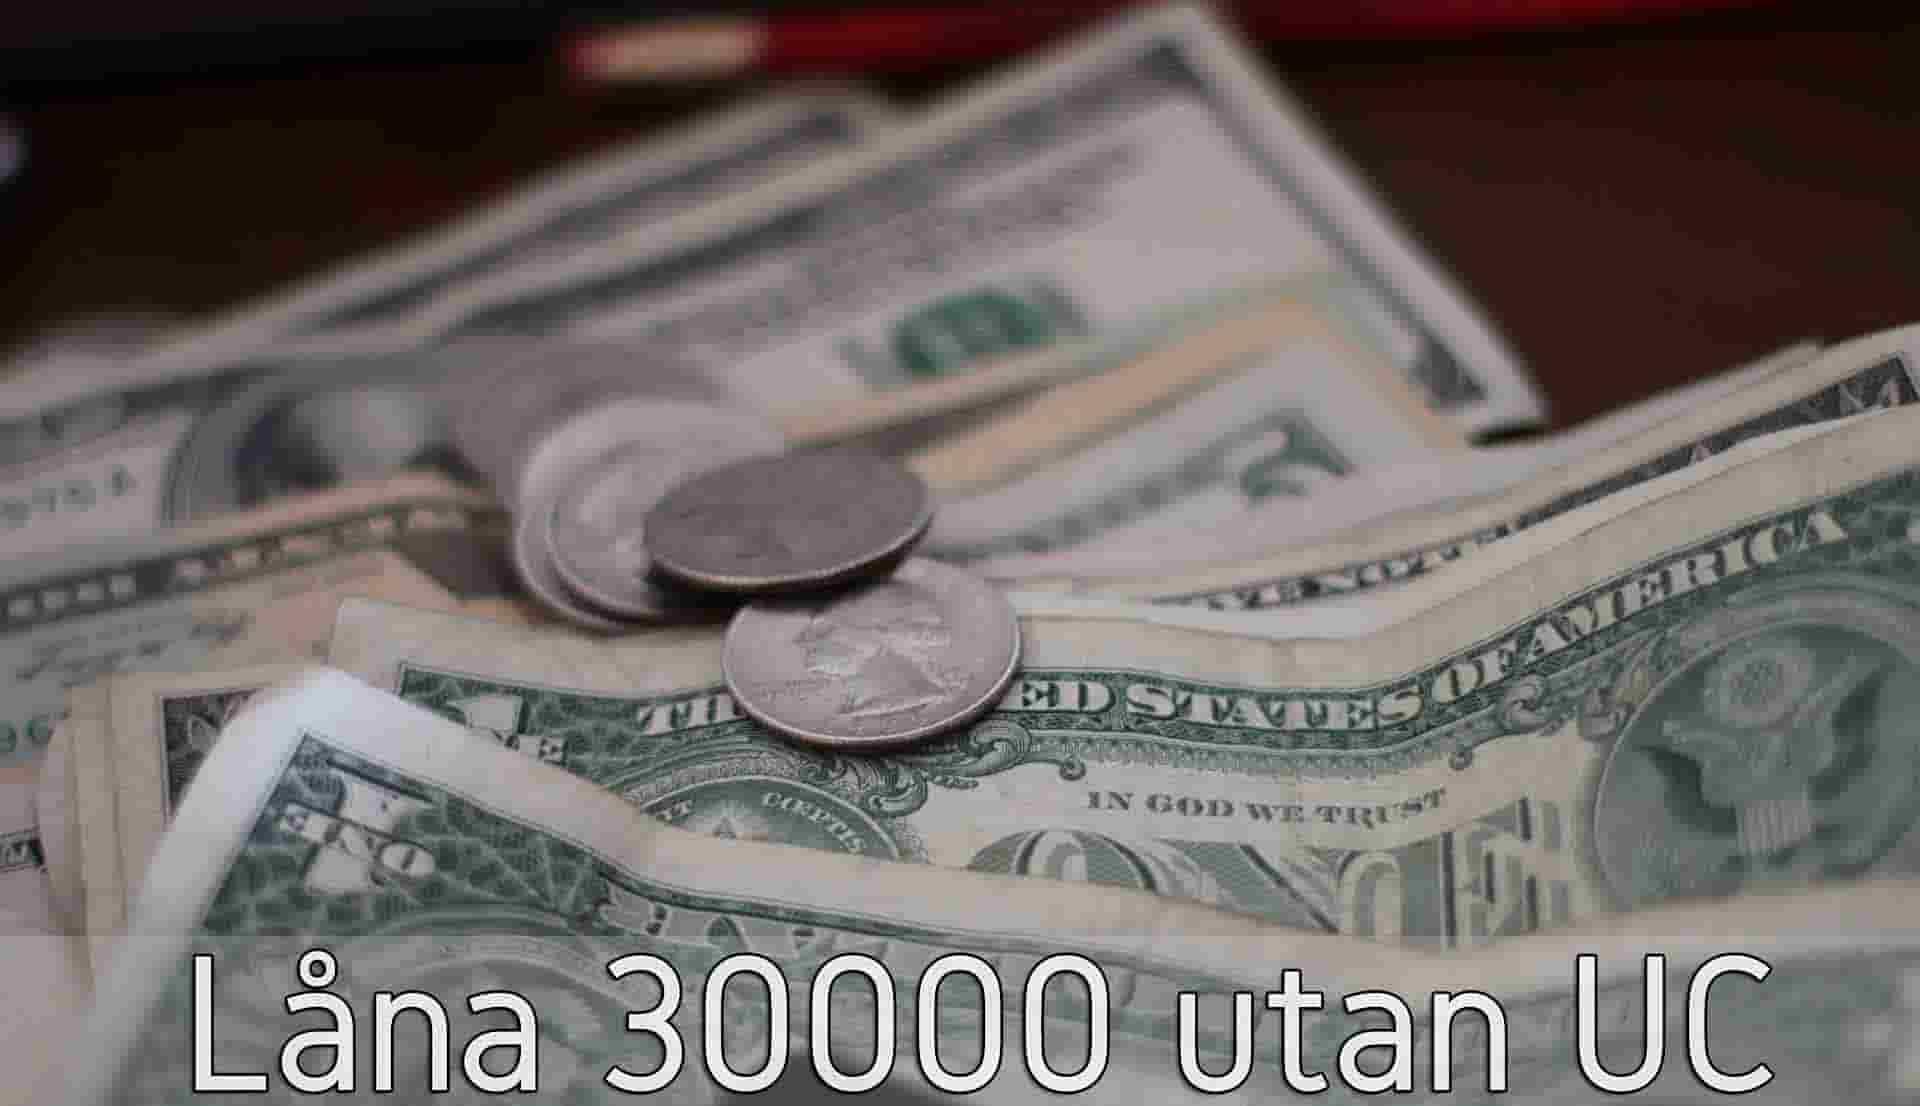 Låna 30000 utan UC